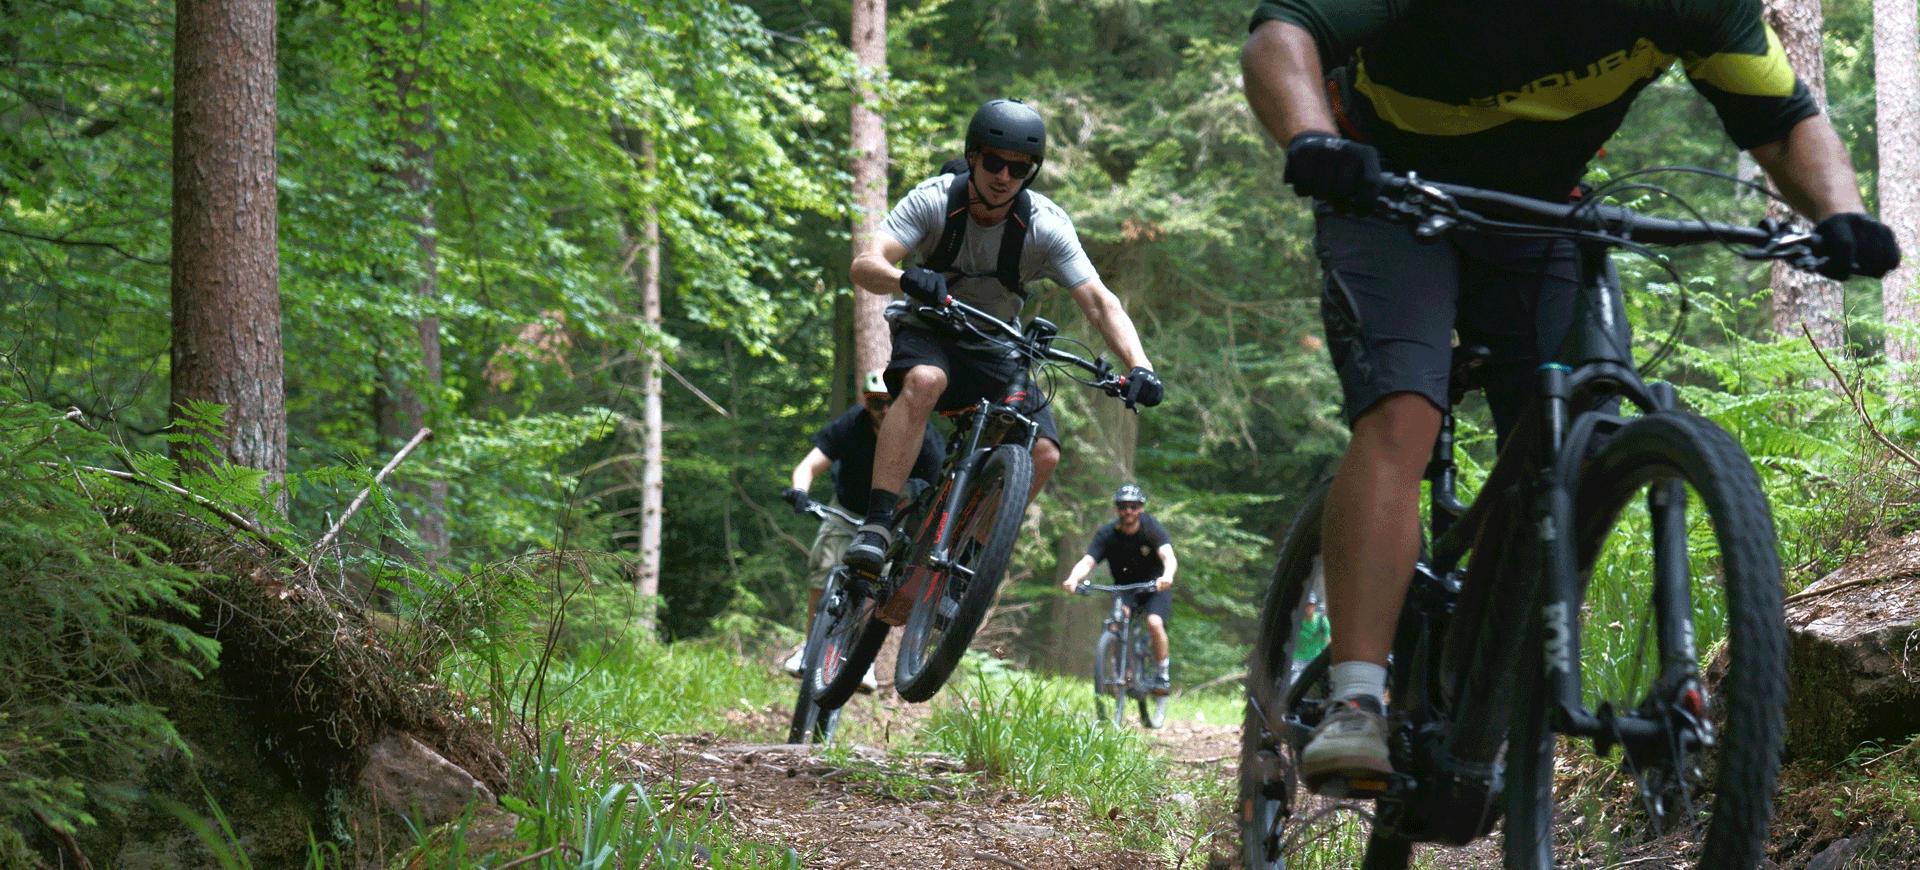 Adventure-Bikes Slider